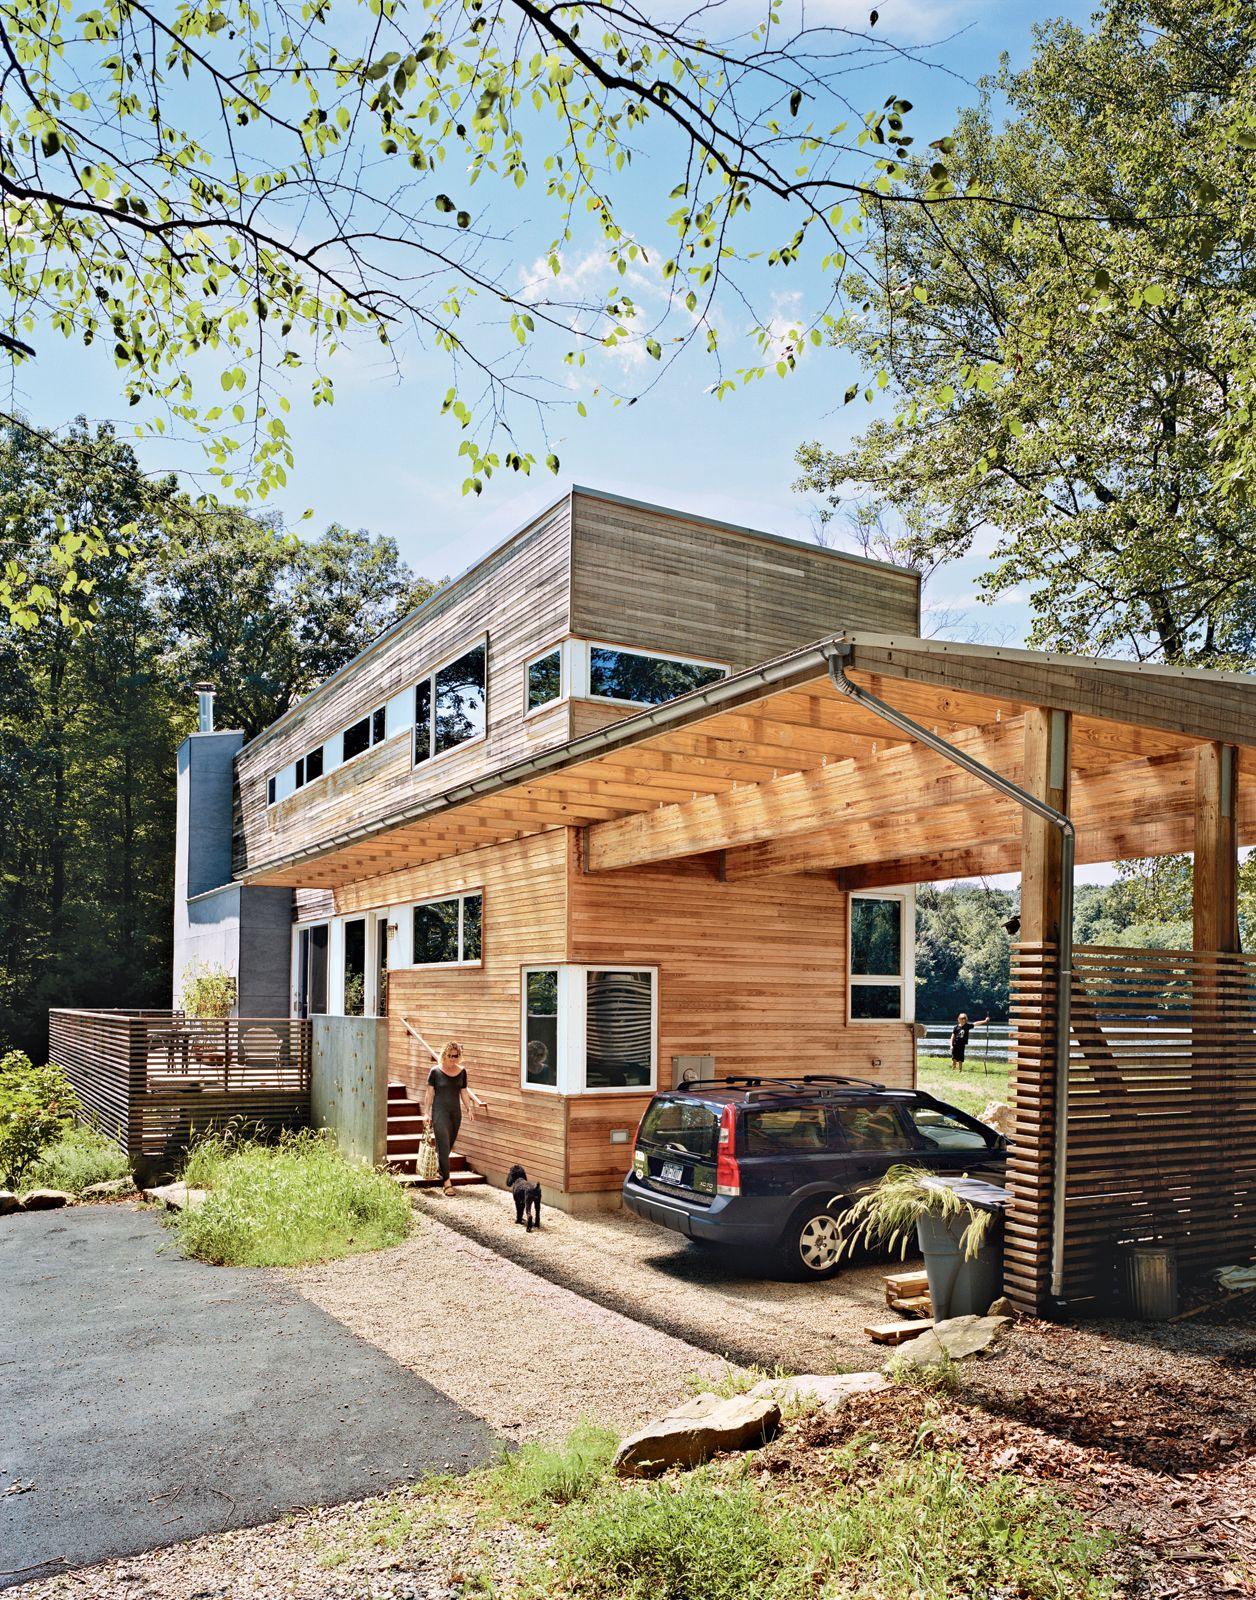 Деревянный навес у деревянного дома